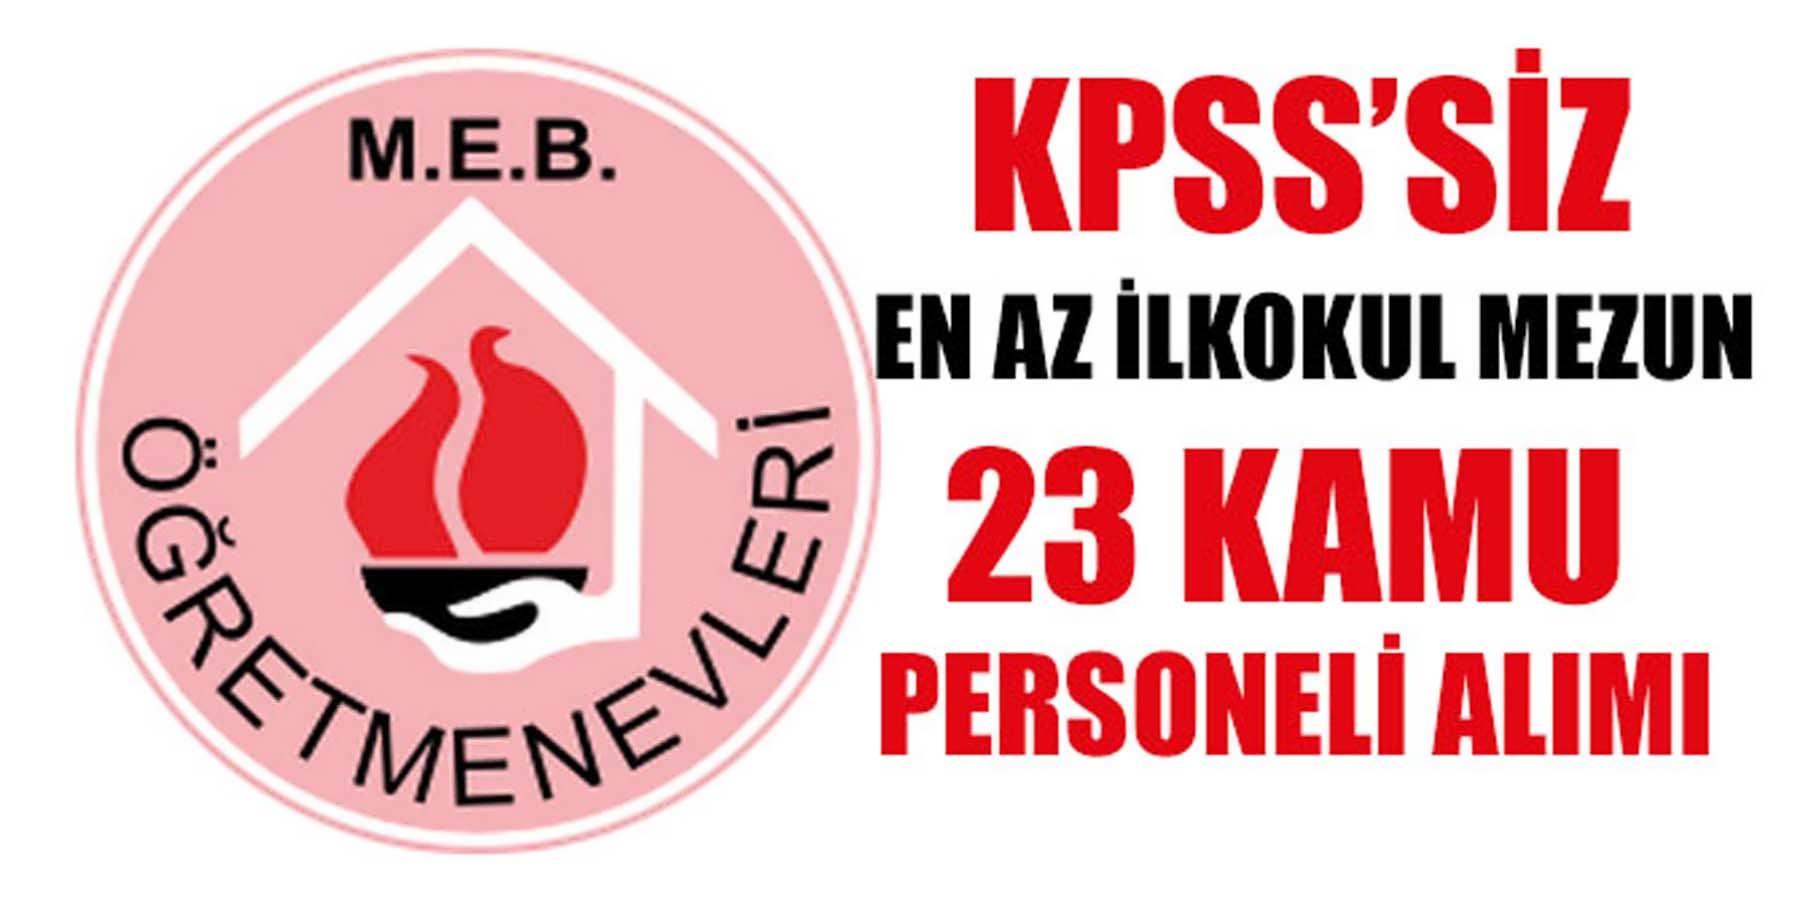 KPSS Şartsız Öğretmenevi 23 Kamu Personeli Alımı